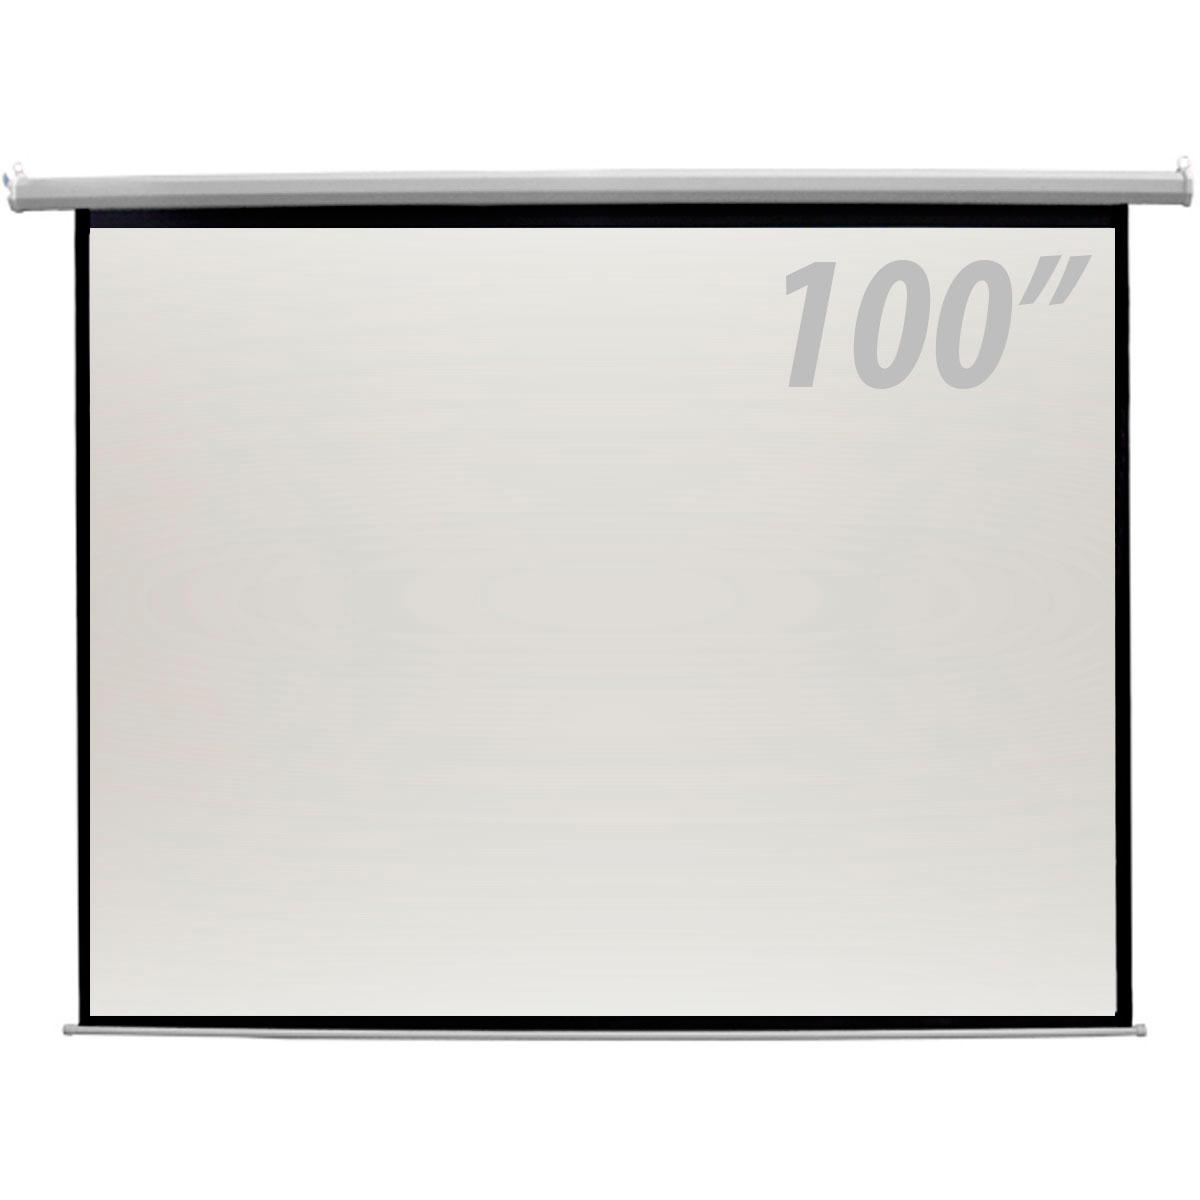 Tela de Projeção 100 Polegadas Elétrica c/ Controle Remoto - CSR